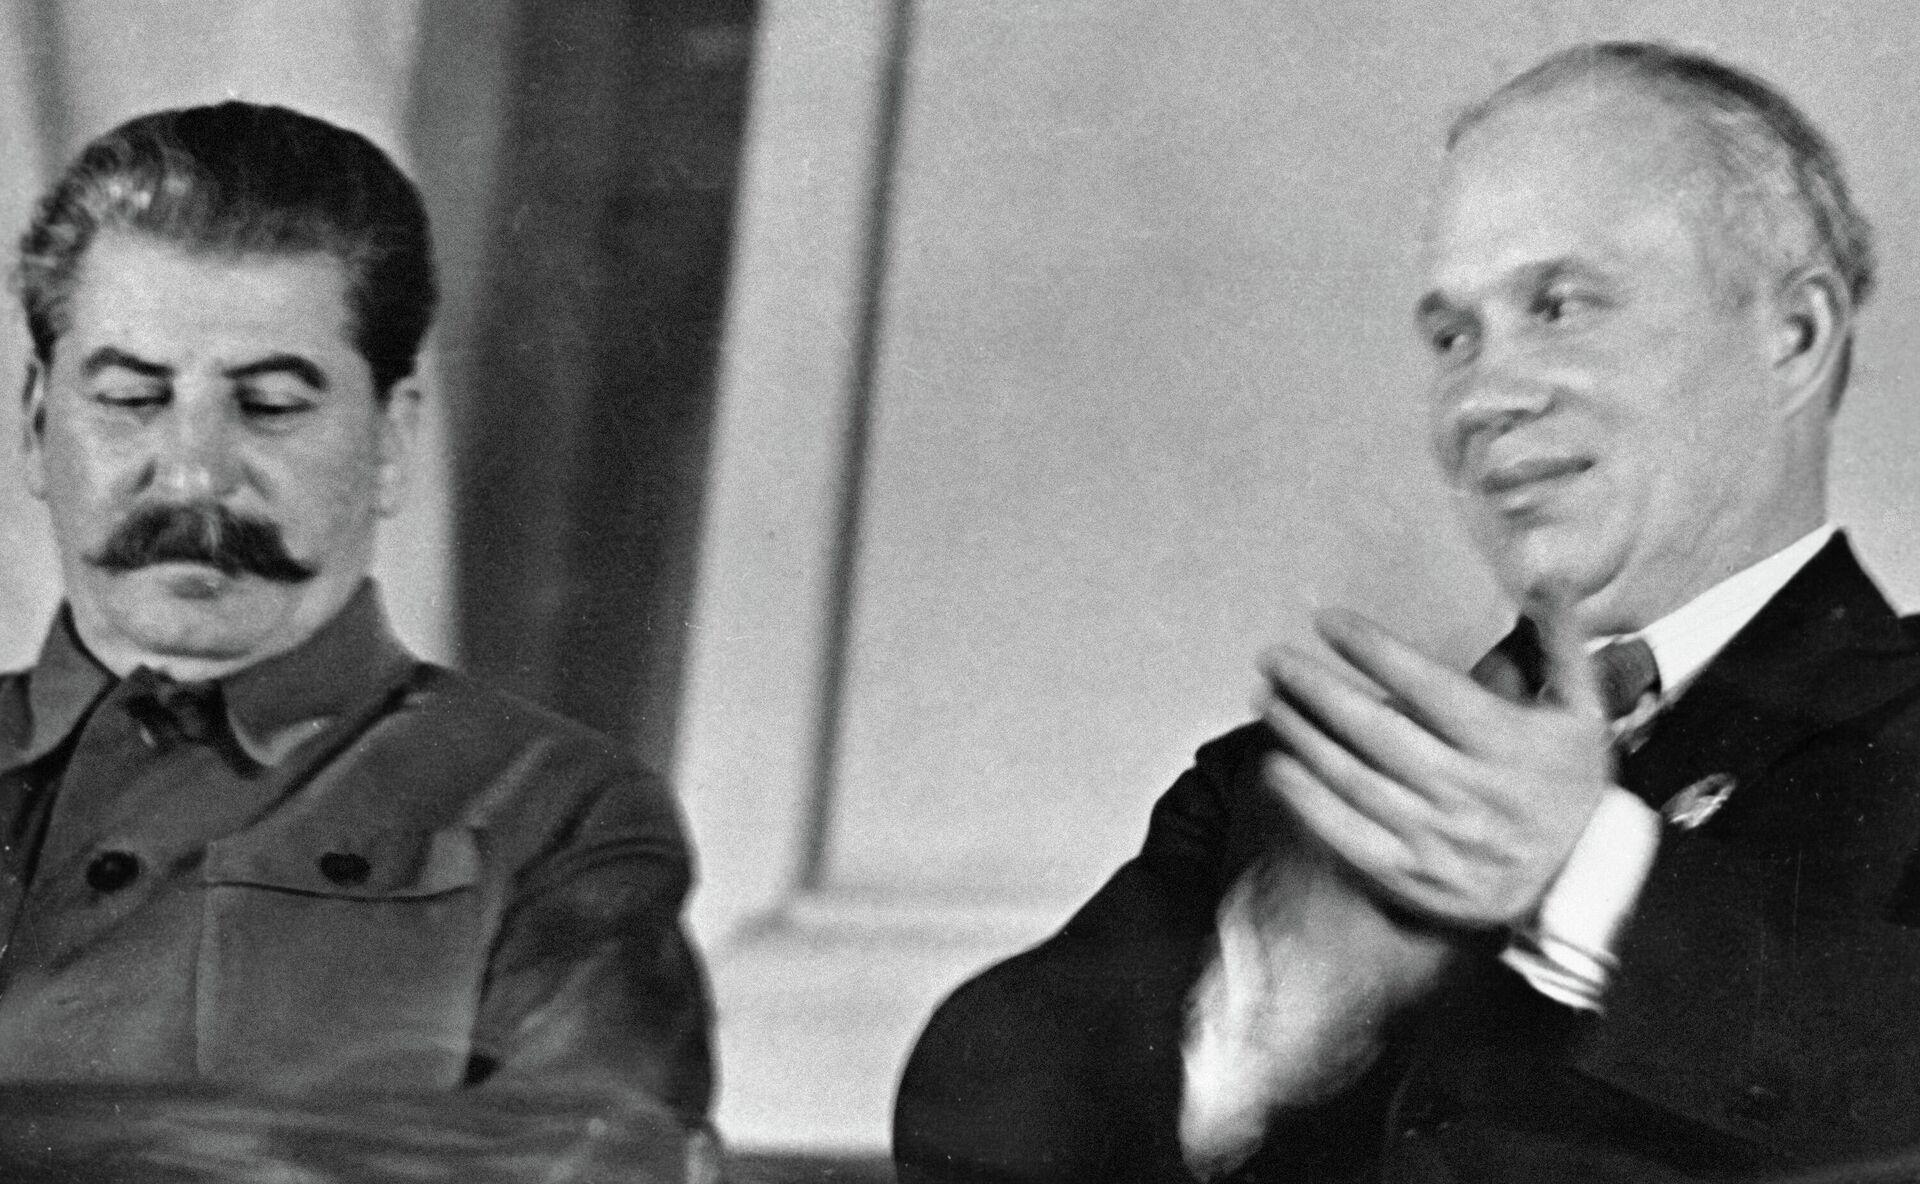 Генеральный секретарь ЦК ВКП (б) Иосиф Сталин (слева) и член ЦК Никита Хрущев в президиуме Х съезде комсомола. - РИА Новости, 1920, 14.10.2020